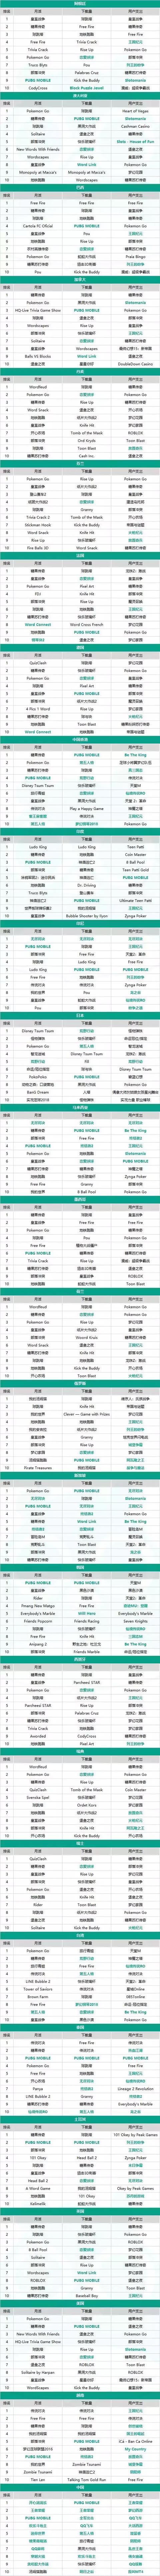 下载量、收入、月活TOP10